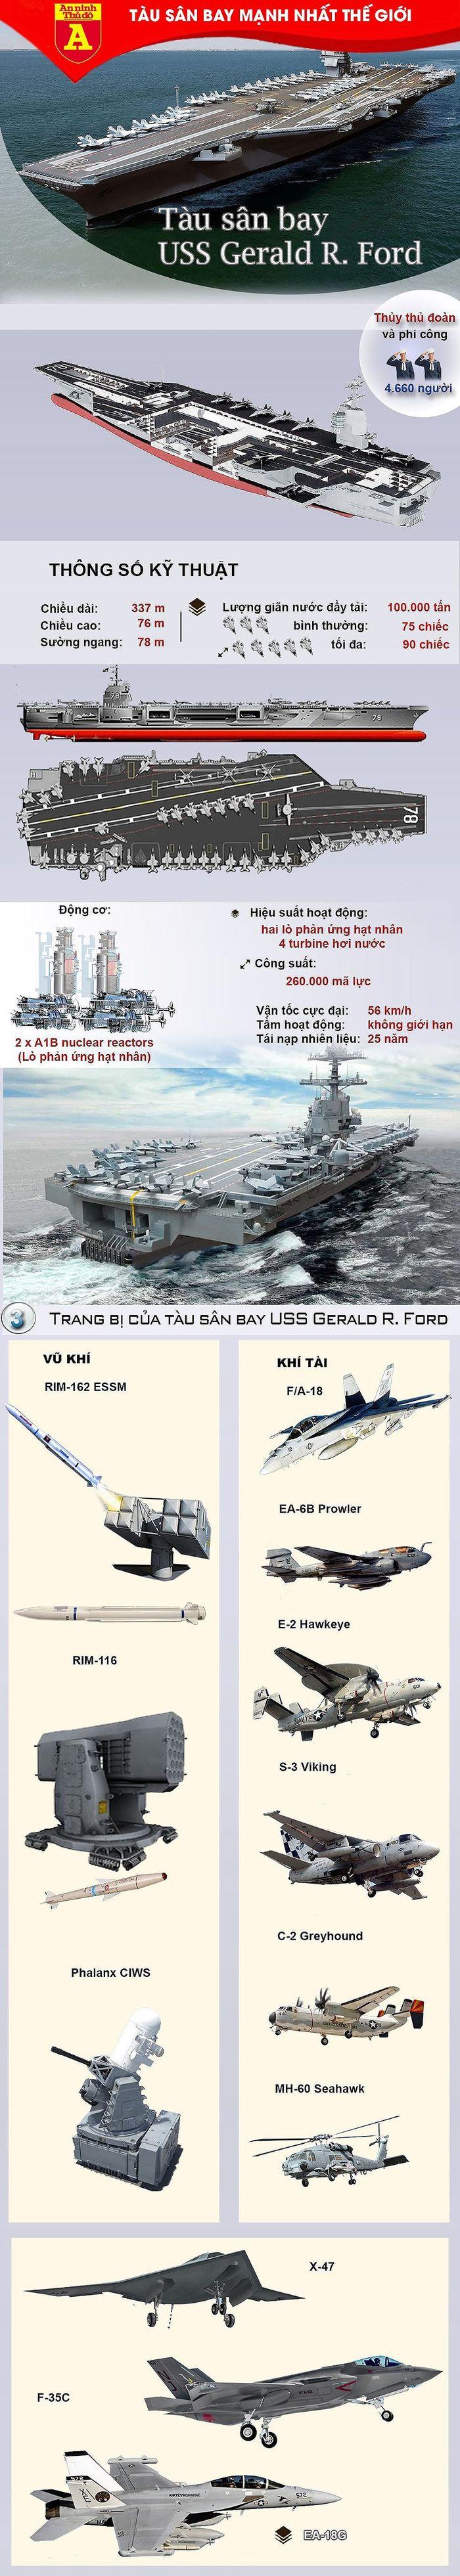 Điều gì khiến Mỹ vung 26 tỷ USD để mua ngay 2 siêu tàu sân bay lớp Ford?